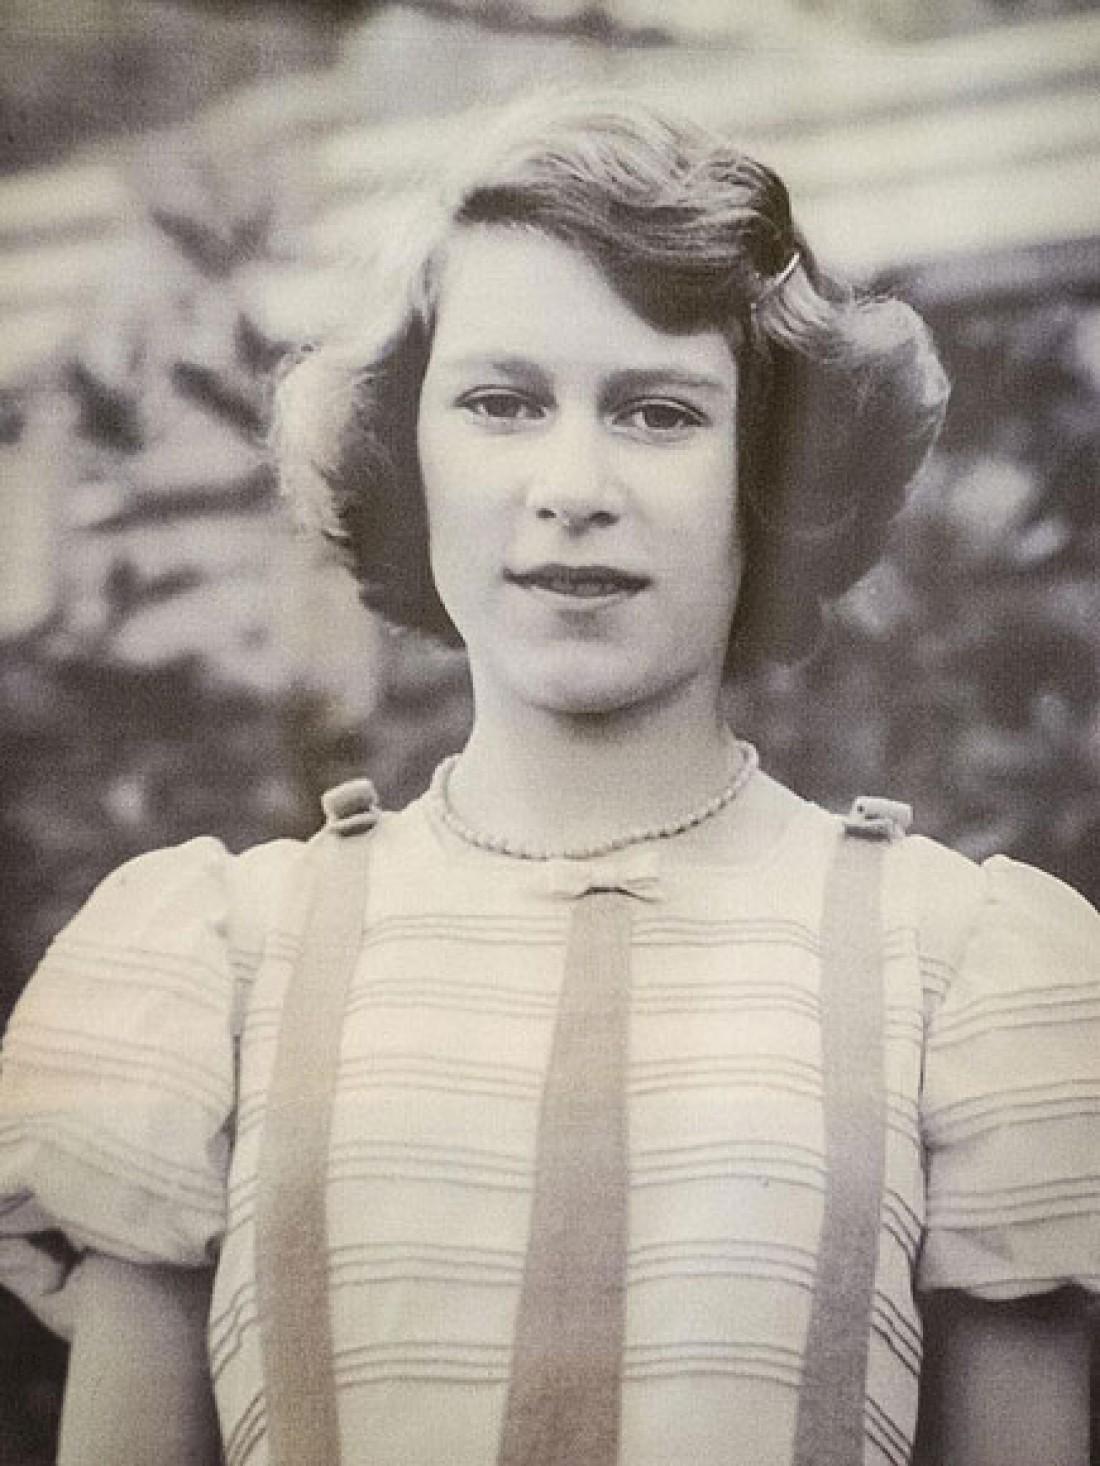 Як старіє Єлизавета ІІ: найяскравіші фото від дитинства і до сьогодні  - фото 3